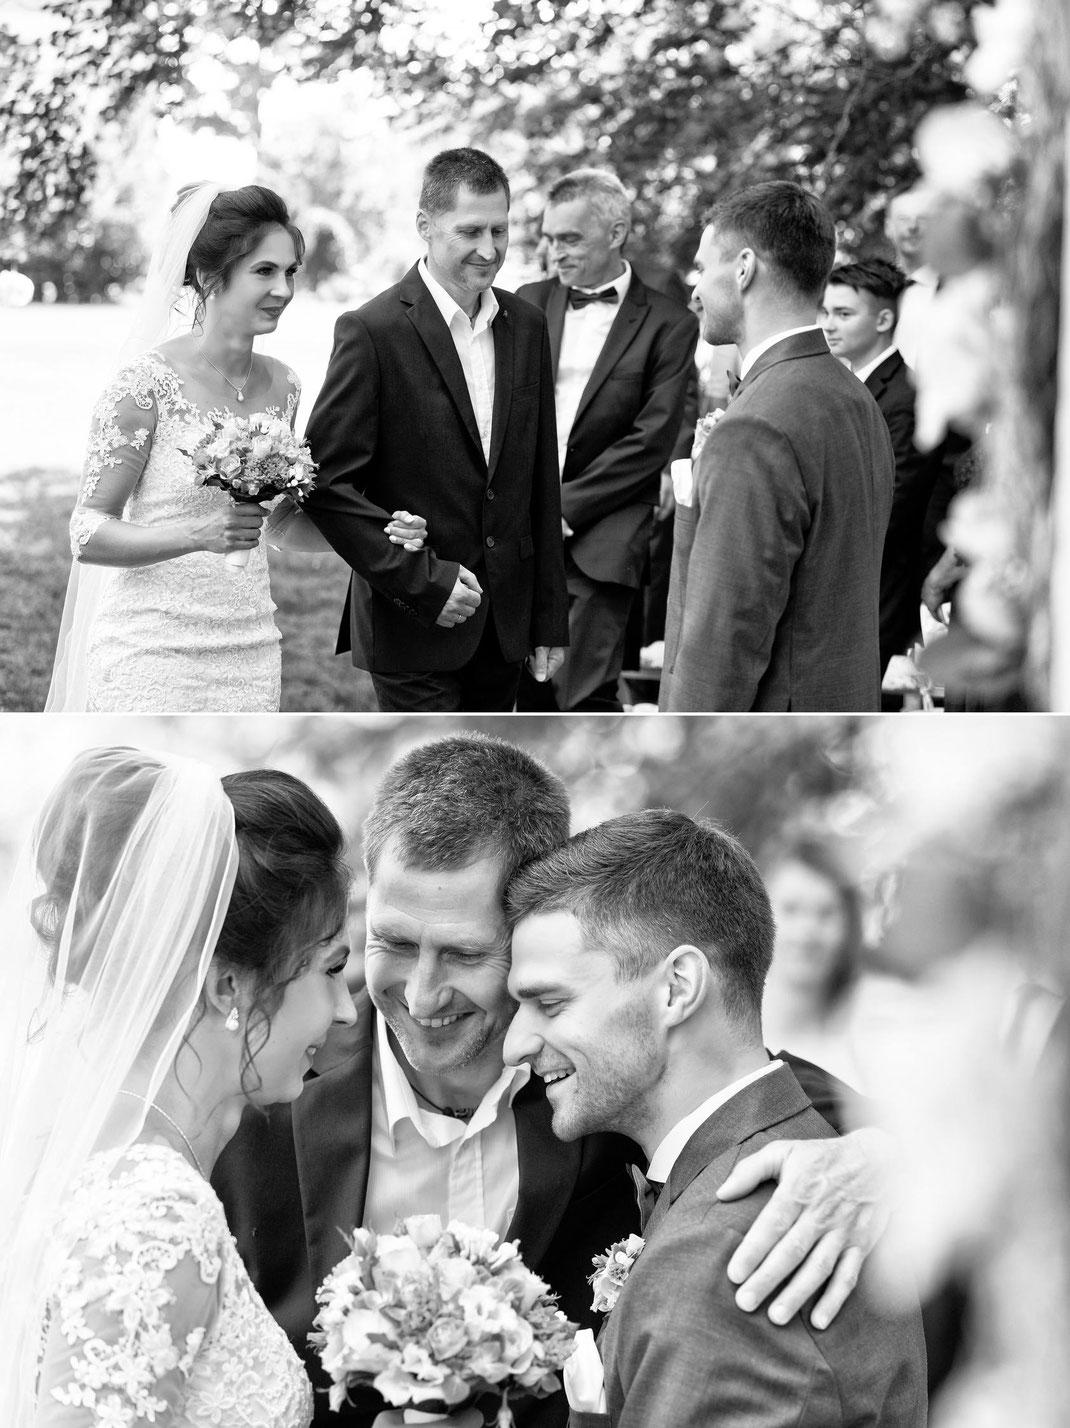 Hochzeitsfotograf, Sachsen, hochzeitsreportage